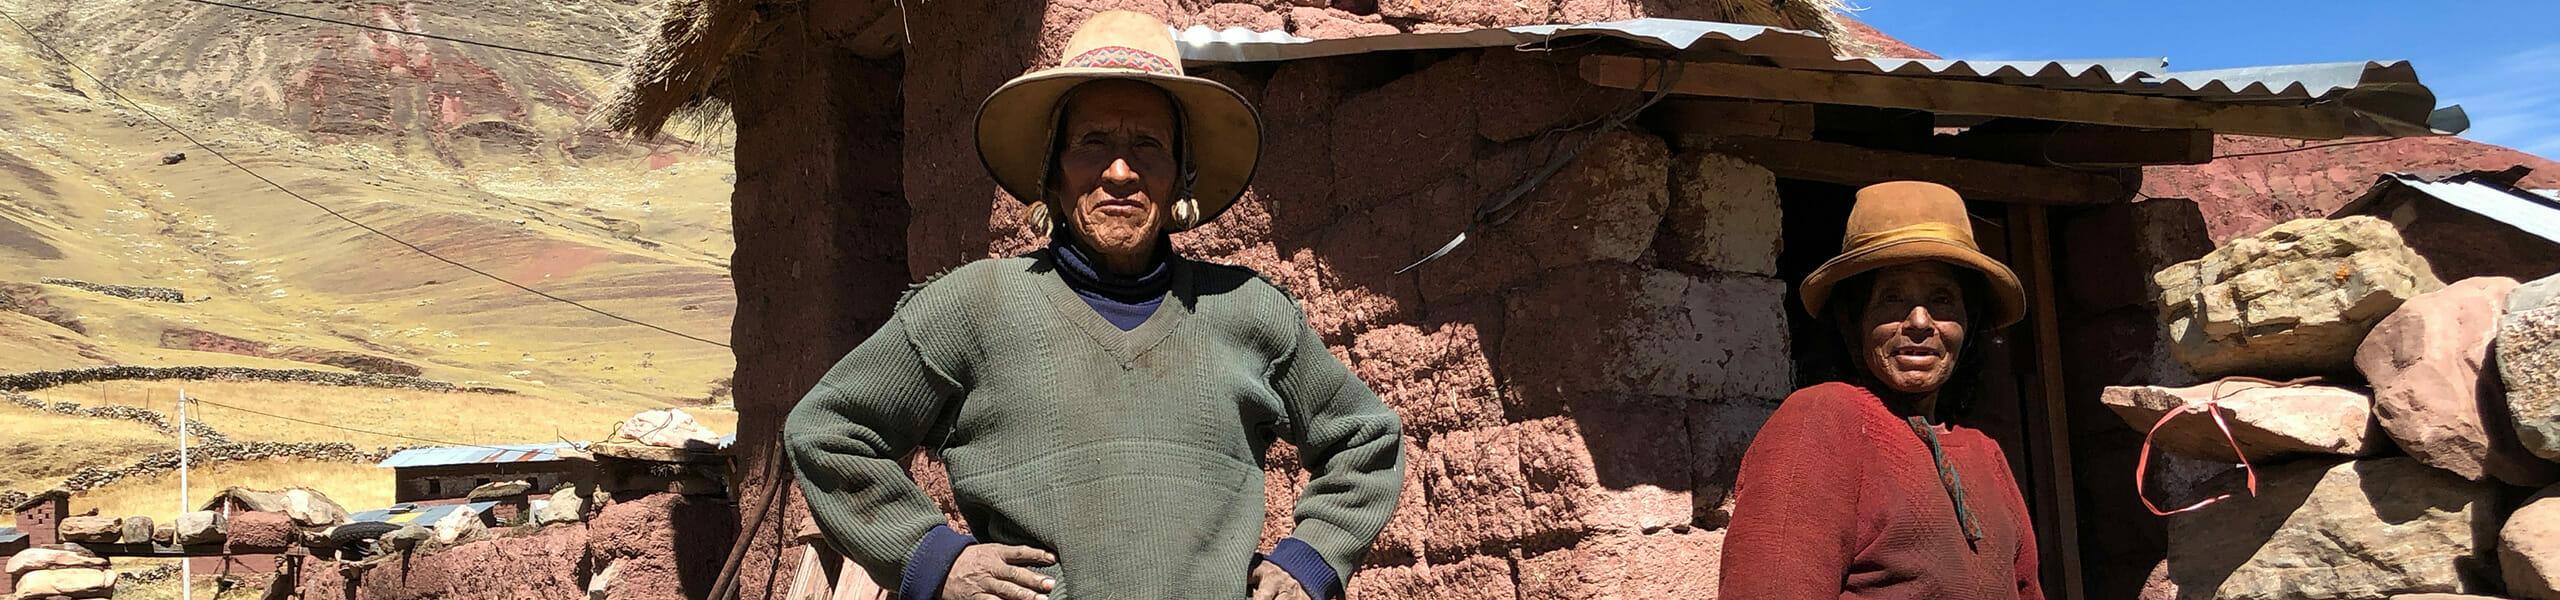 Dieses Startbild der HelloWorld-Kategorie Begegnungen stammt aus Peru und zeigt ein altes Paar, gekleidet mit Hüten vor ihrer steinernen Hütte stehend.